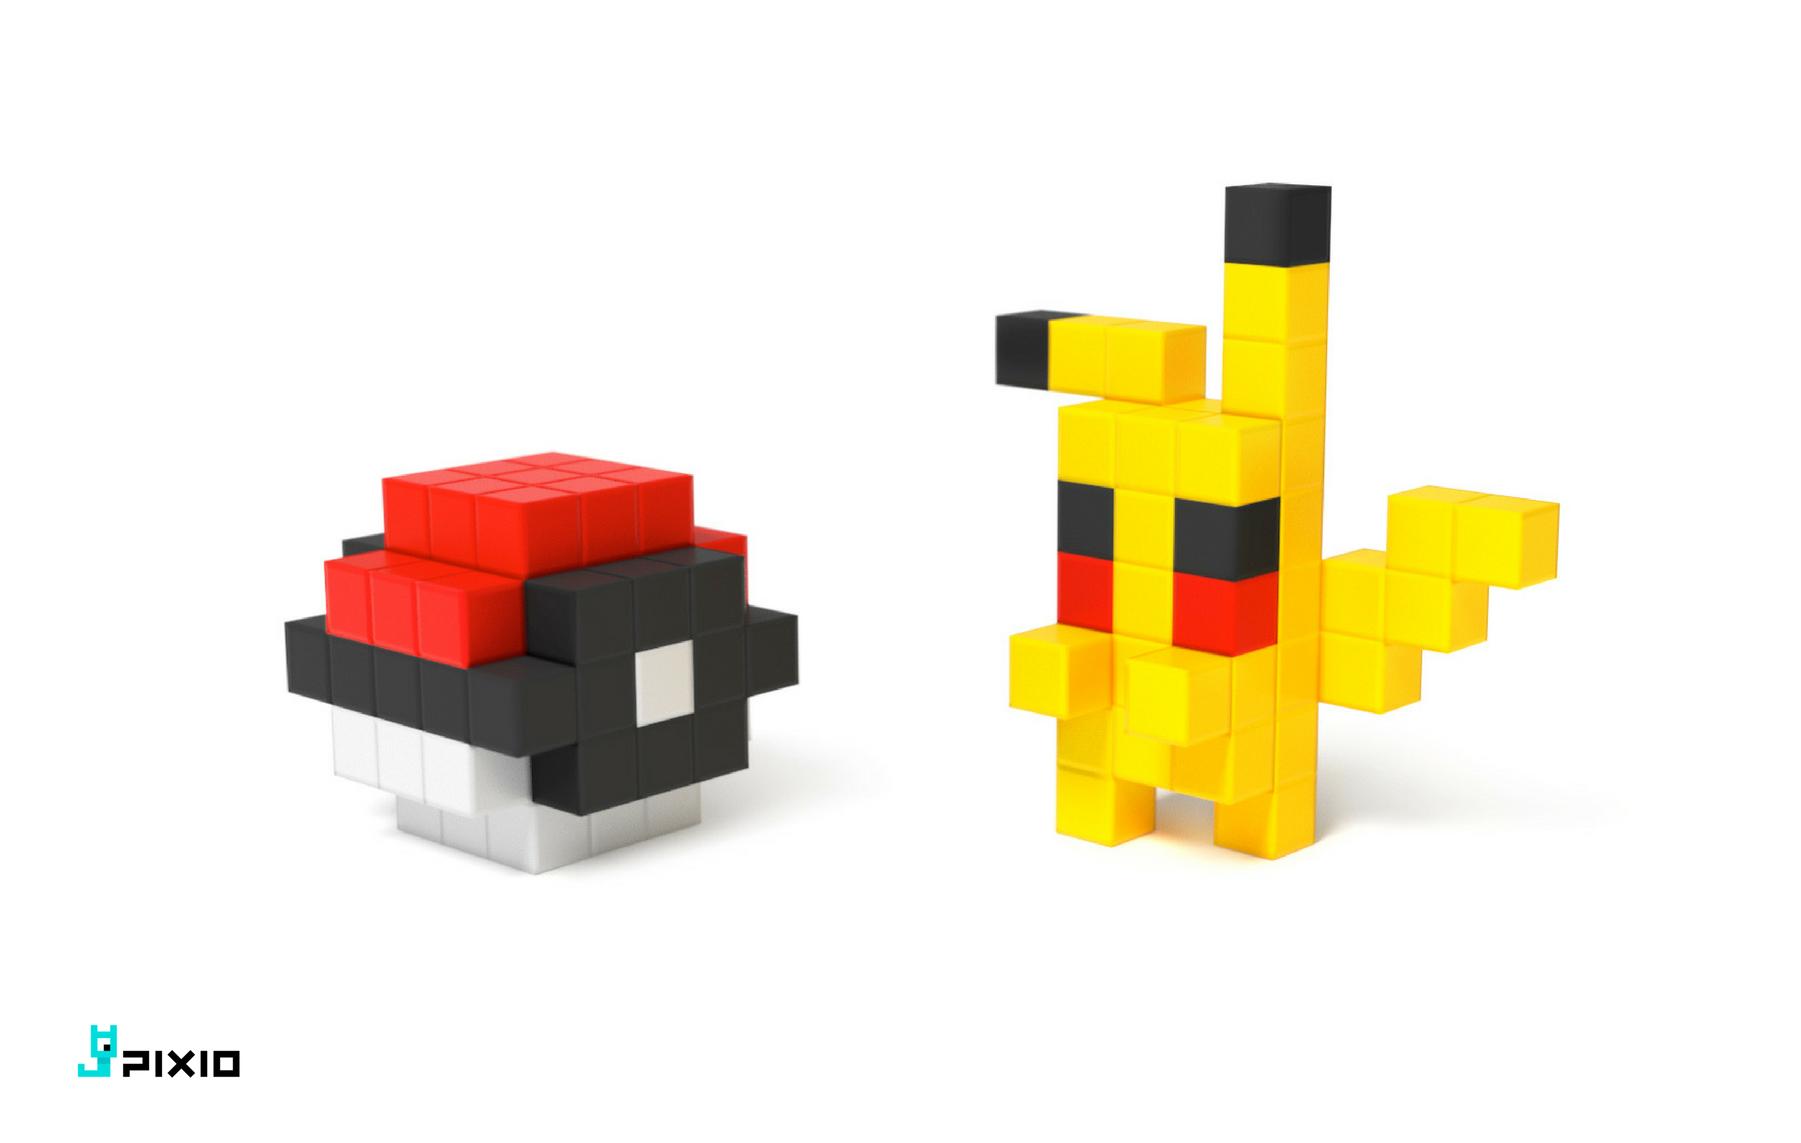 pokemon made of pixio magnetic cubes pixio pixioblocks pixelart